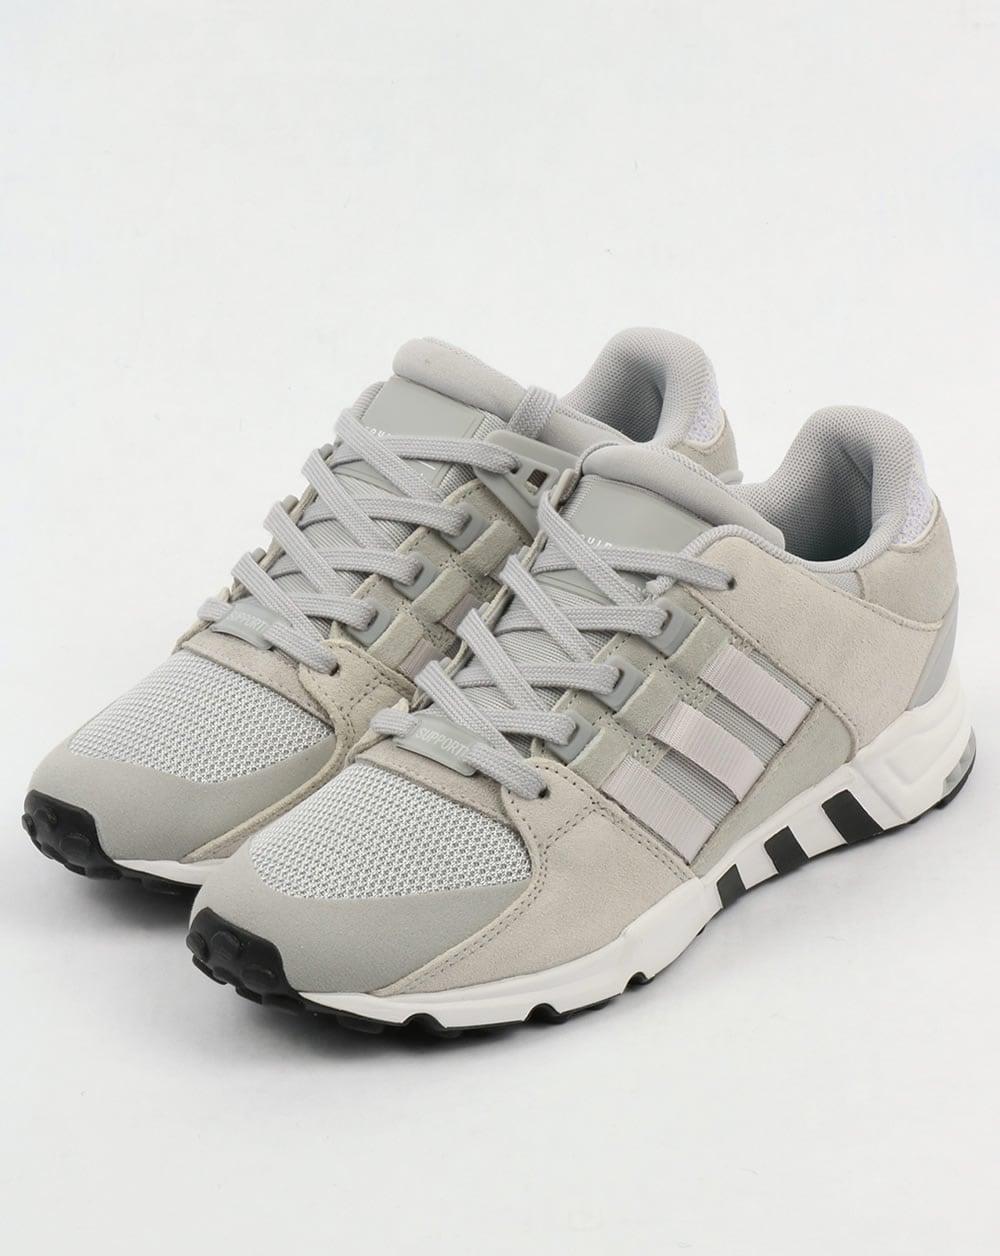 Adidas Eqt Sostegno Bianco, - Formatori Grigio / Bianco, Sostegno Originale, Correndo, Scarpe c61833